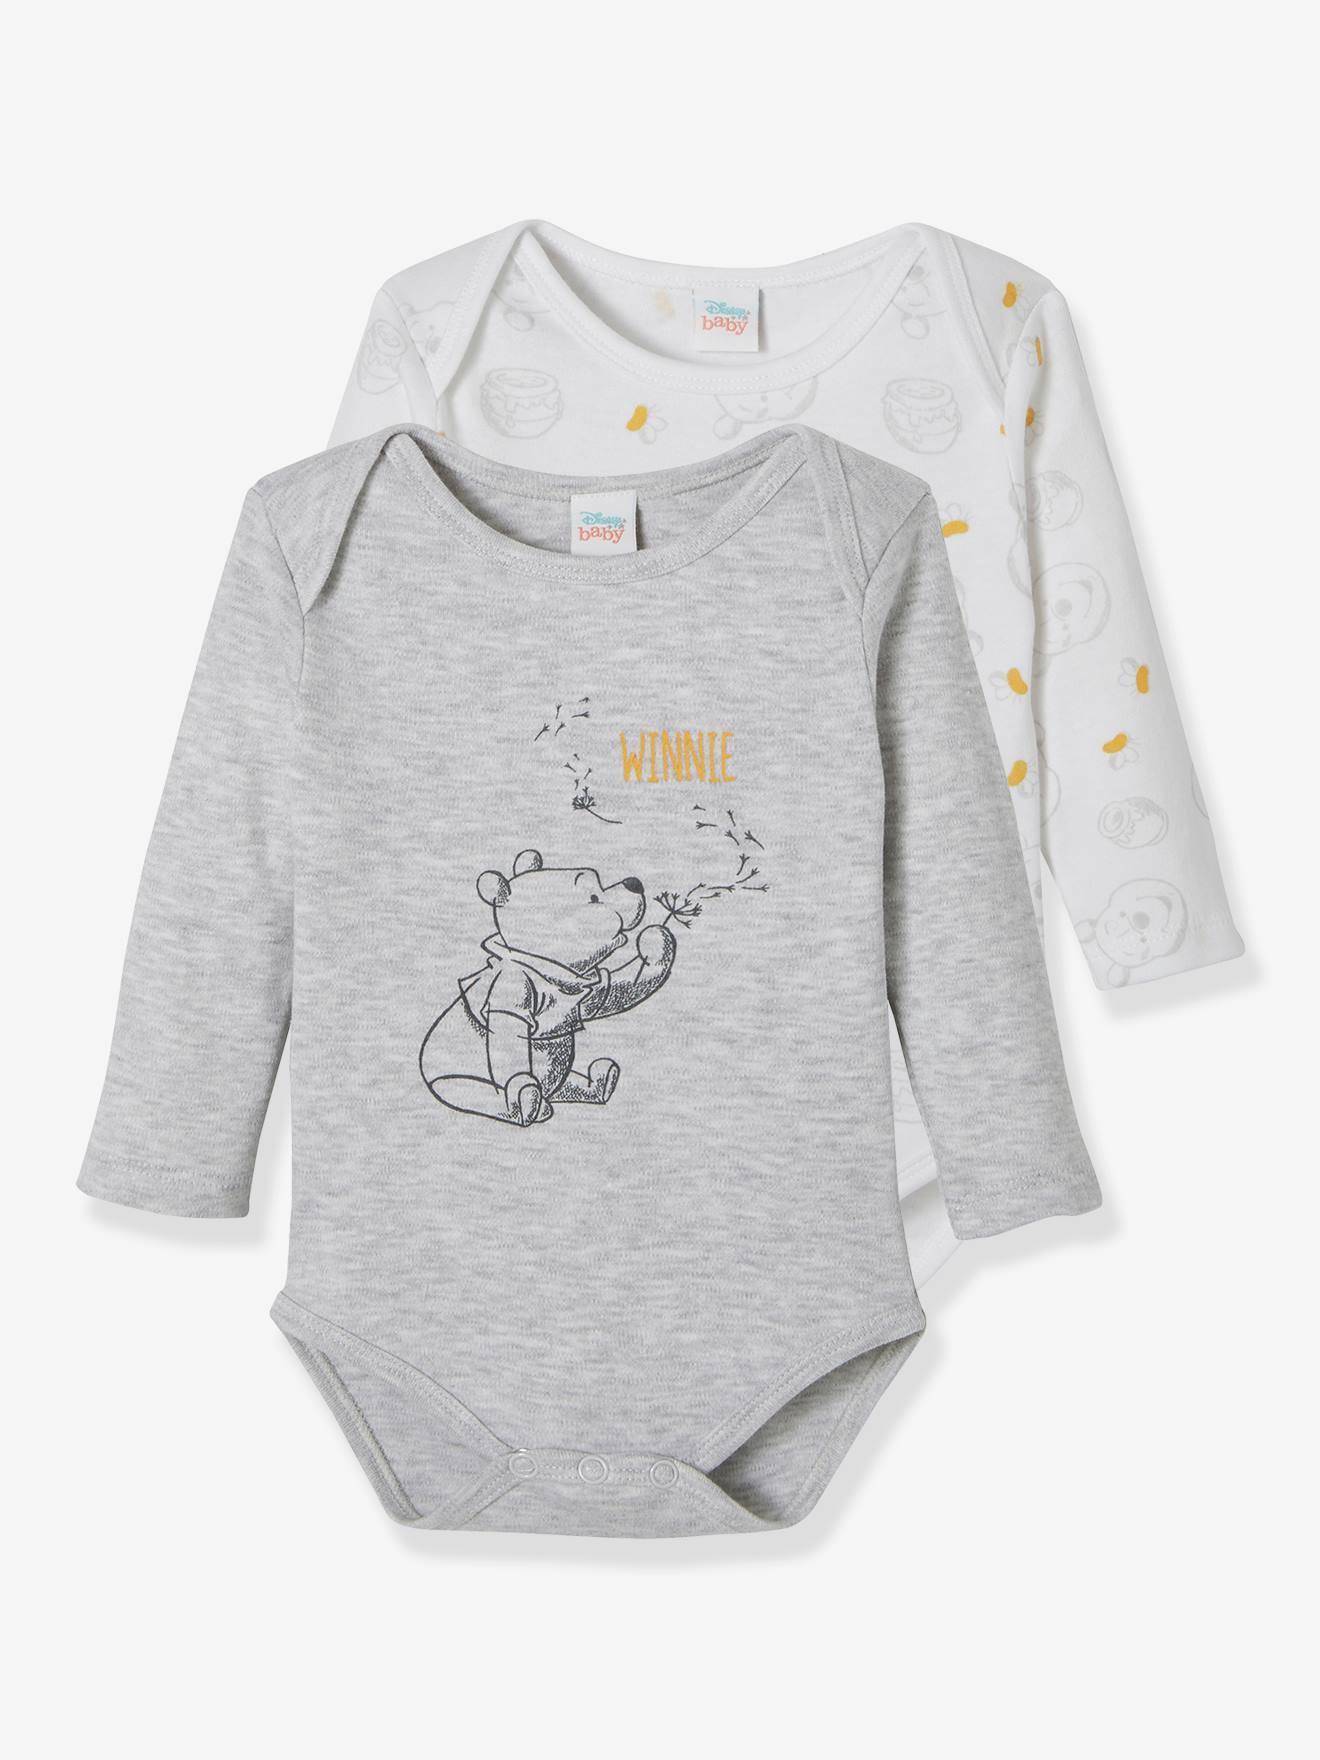 WINNIE L OURSON Lote de 2 bodies para bebé Disney Winnie The Pooh® gris claro liso con motivos